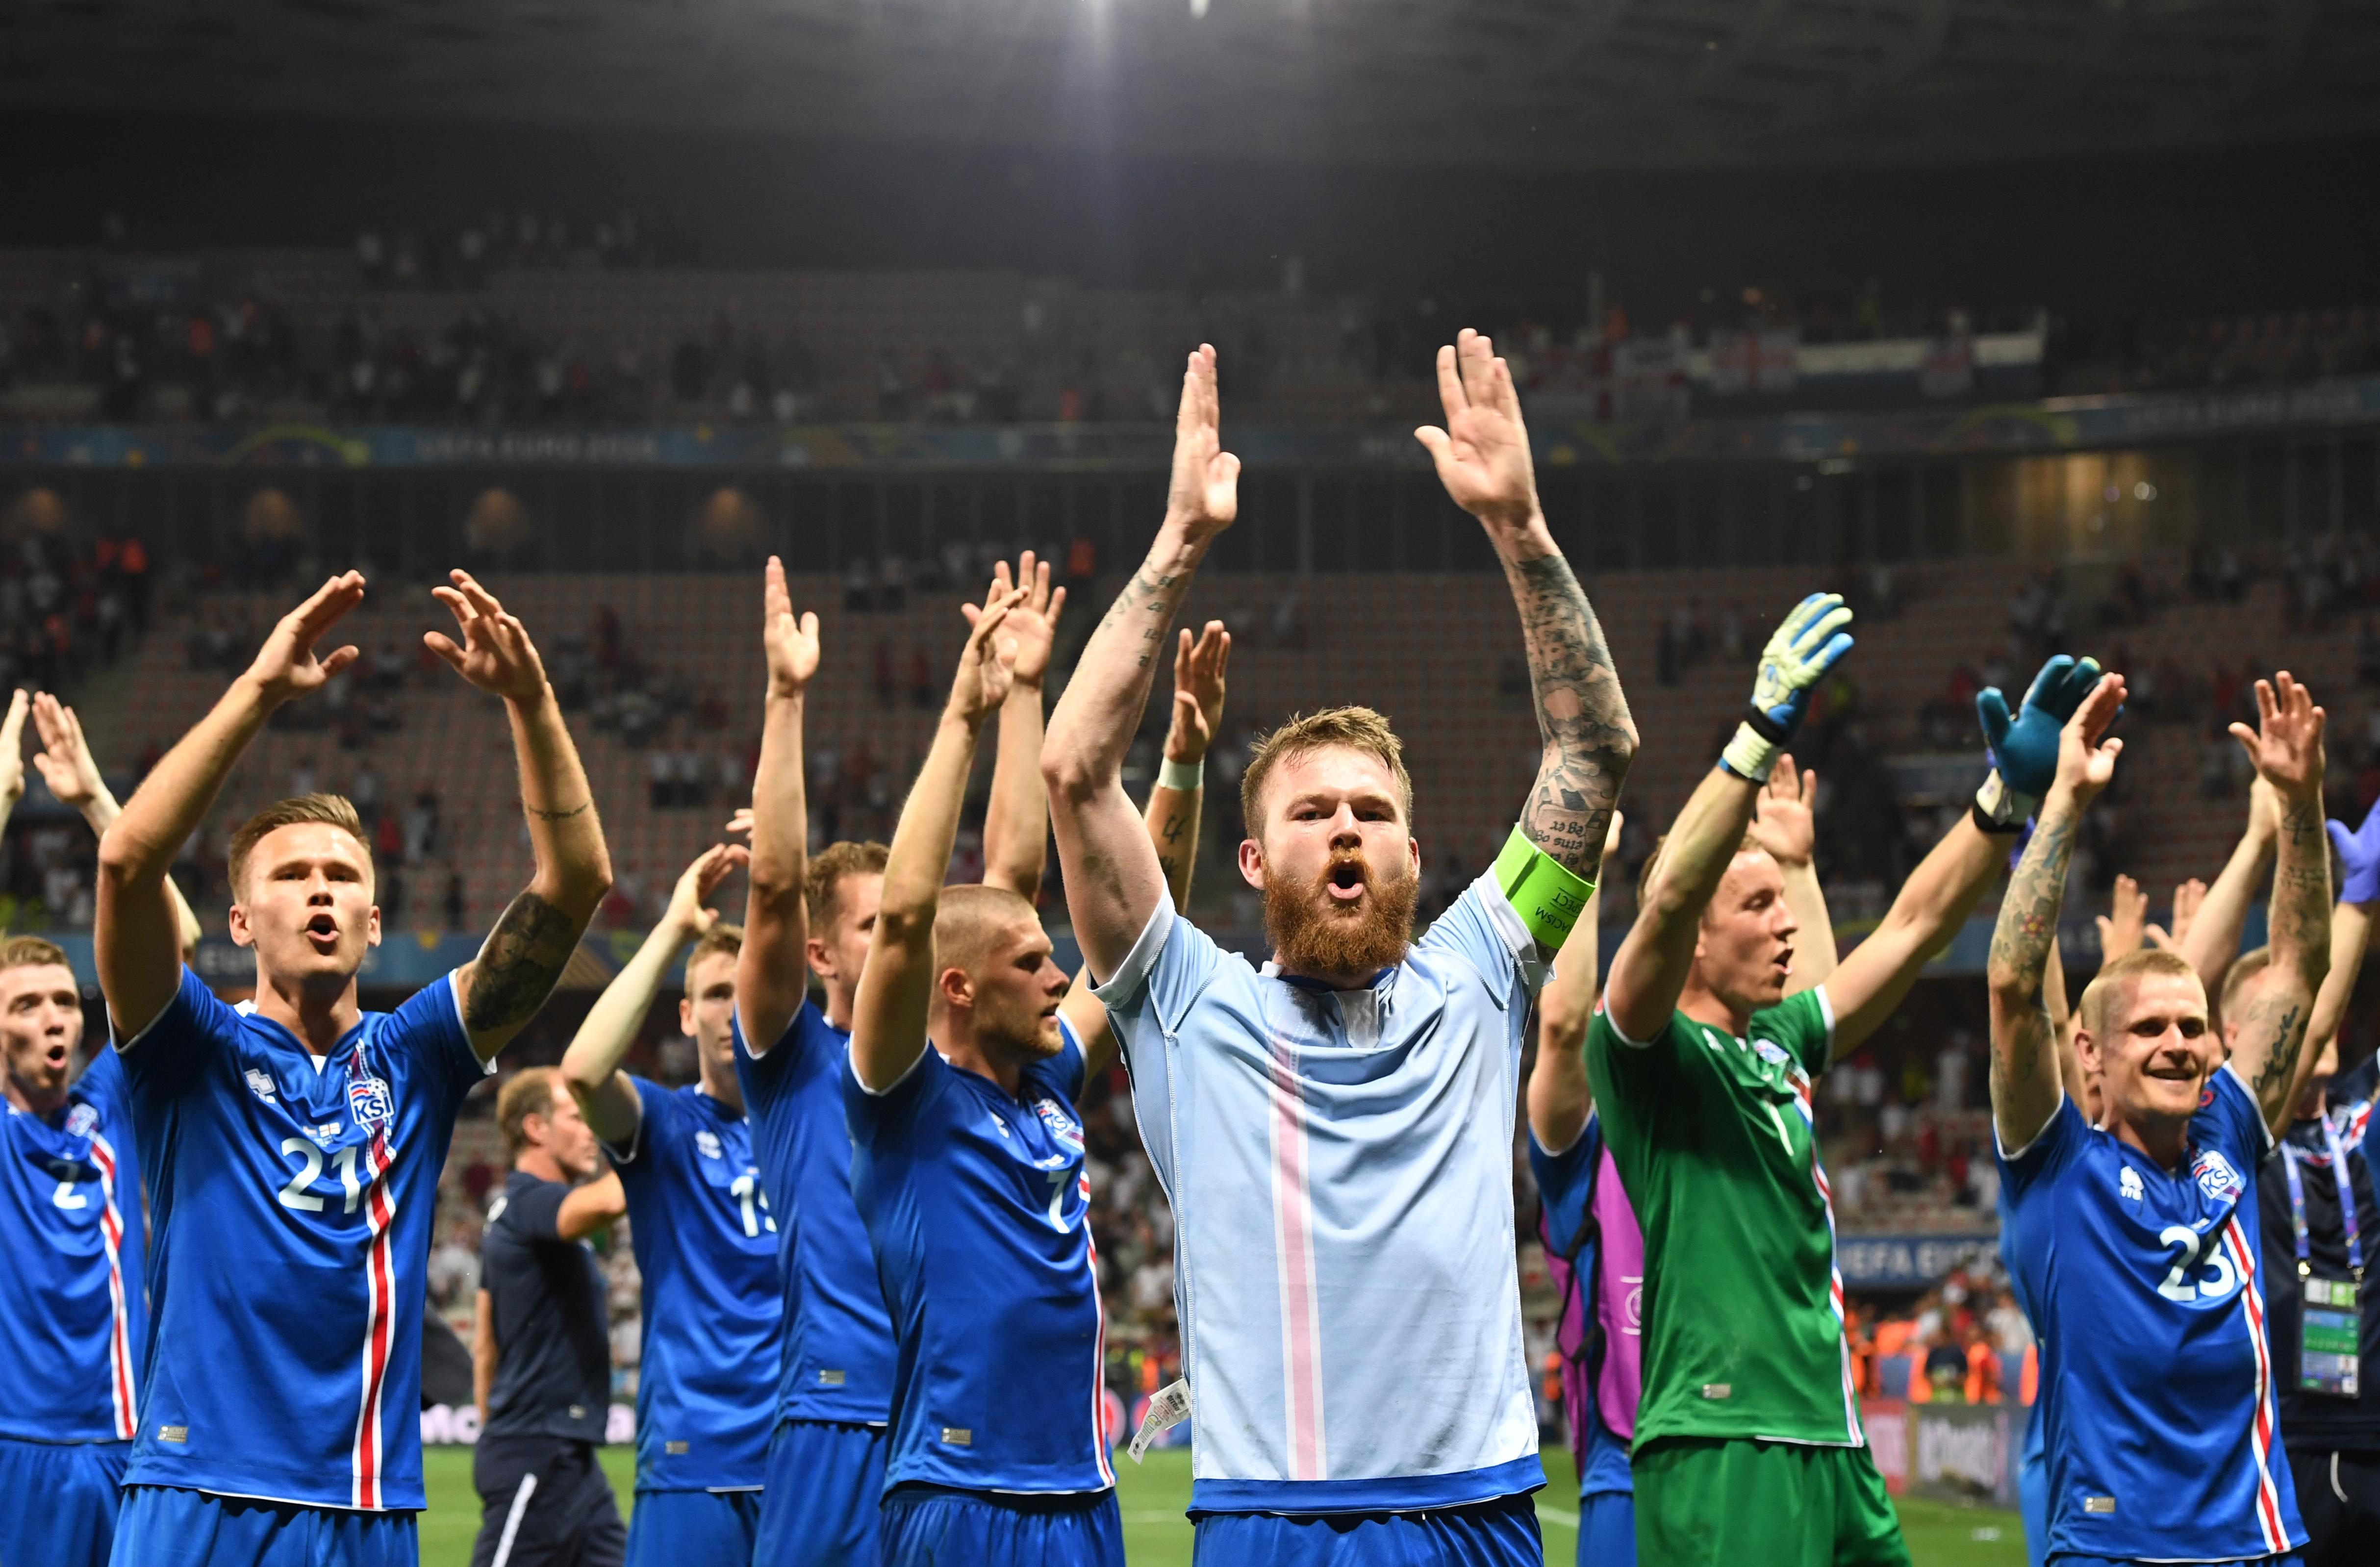 Elképesztő viking harci üvöltéssel ünnepelte Izland a győzelmet